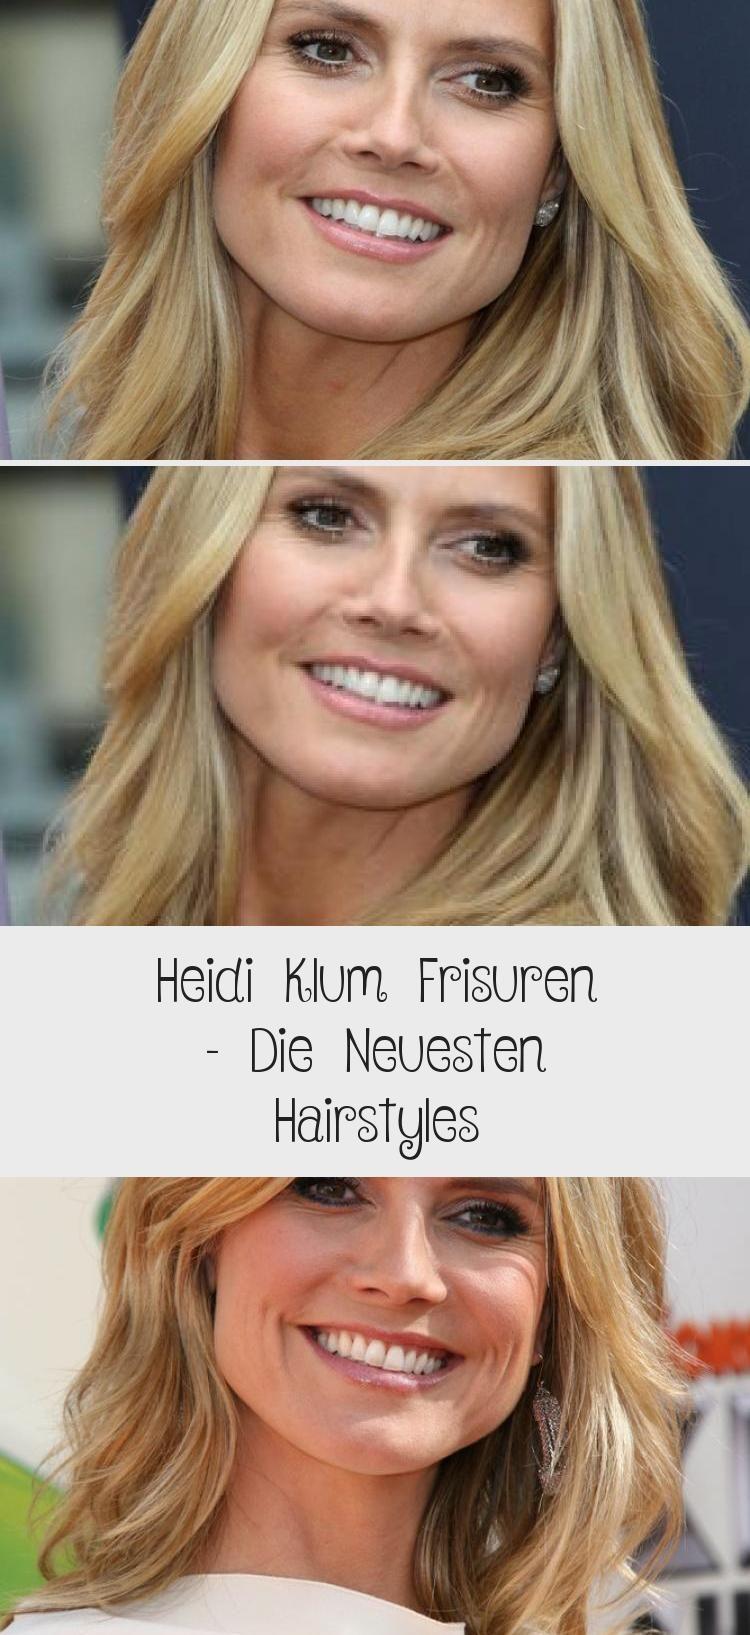 Heidi Klum Frisuren Die Neuesten Hairstyles Jewelrys Heidi Klum Frisuren Die Neuesten Hairstyles Celebrit In 2020 Hair Styles Celebrity Jewelry Heidi Klum